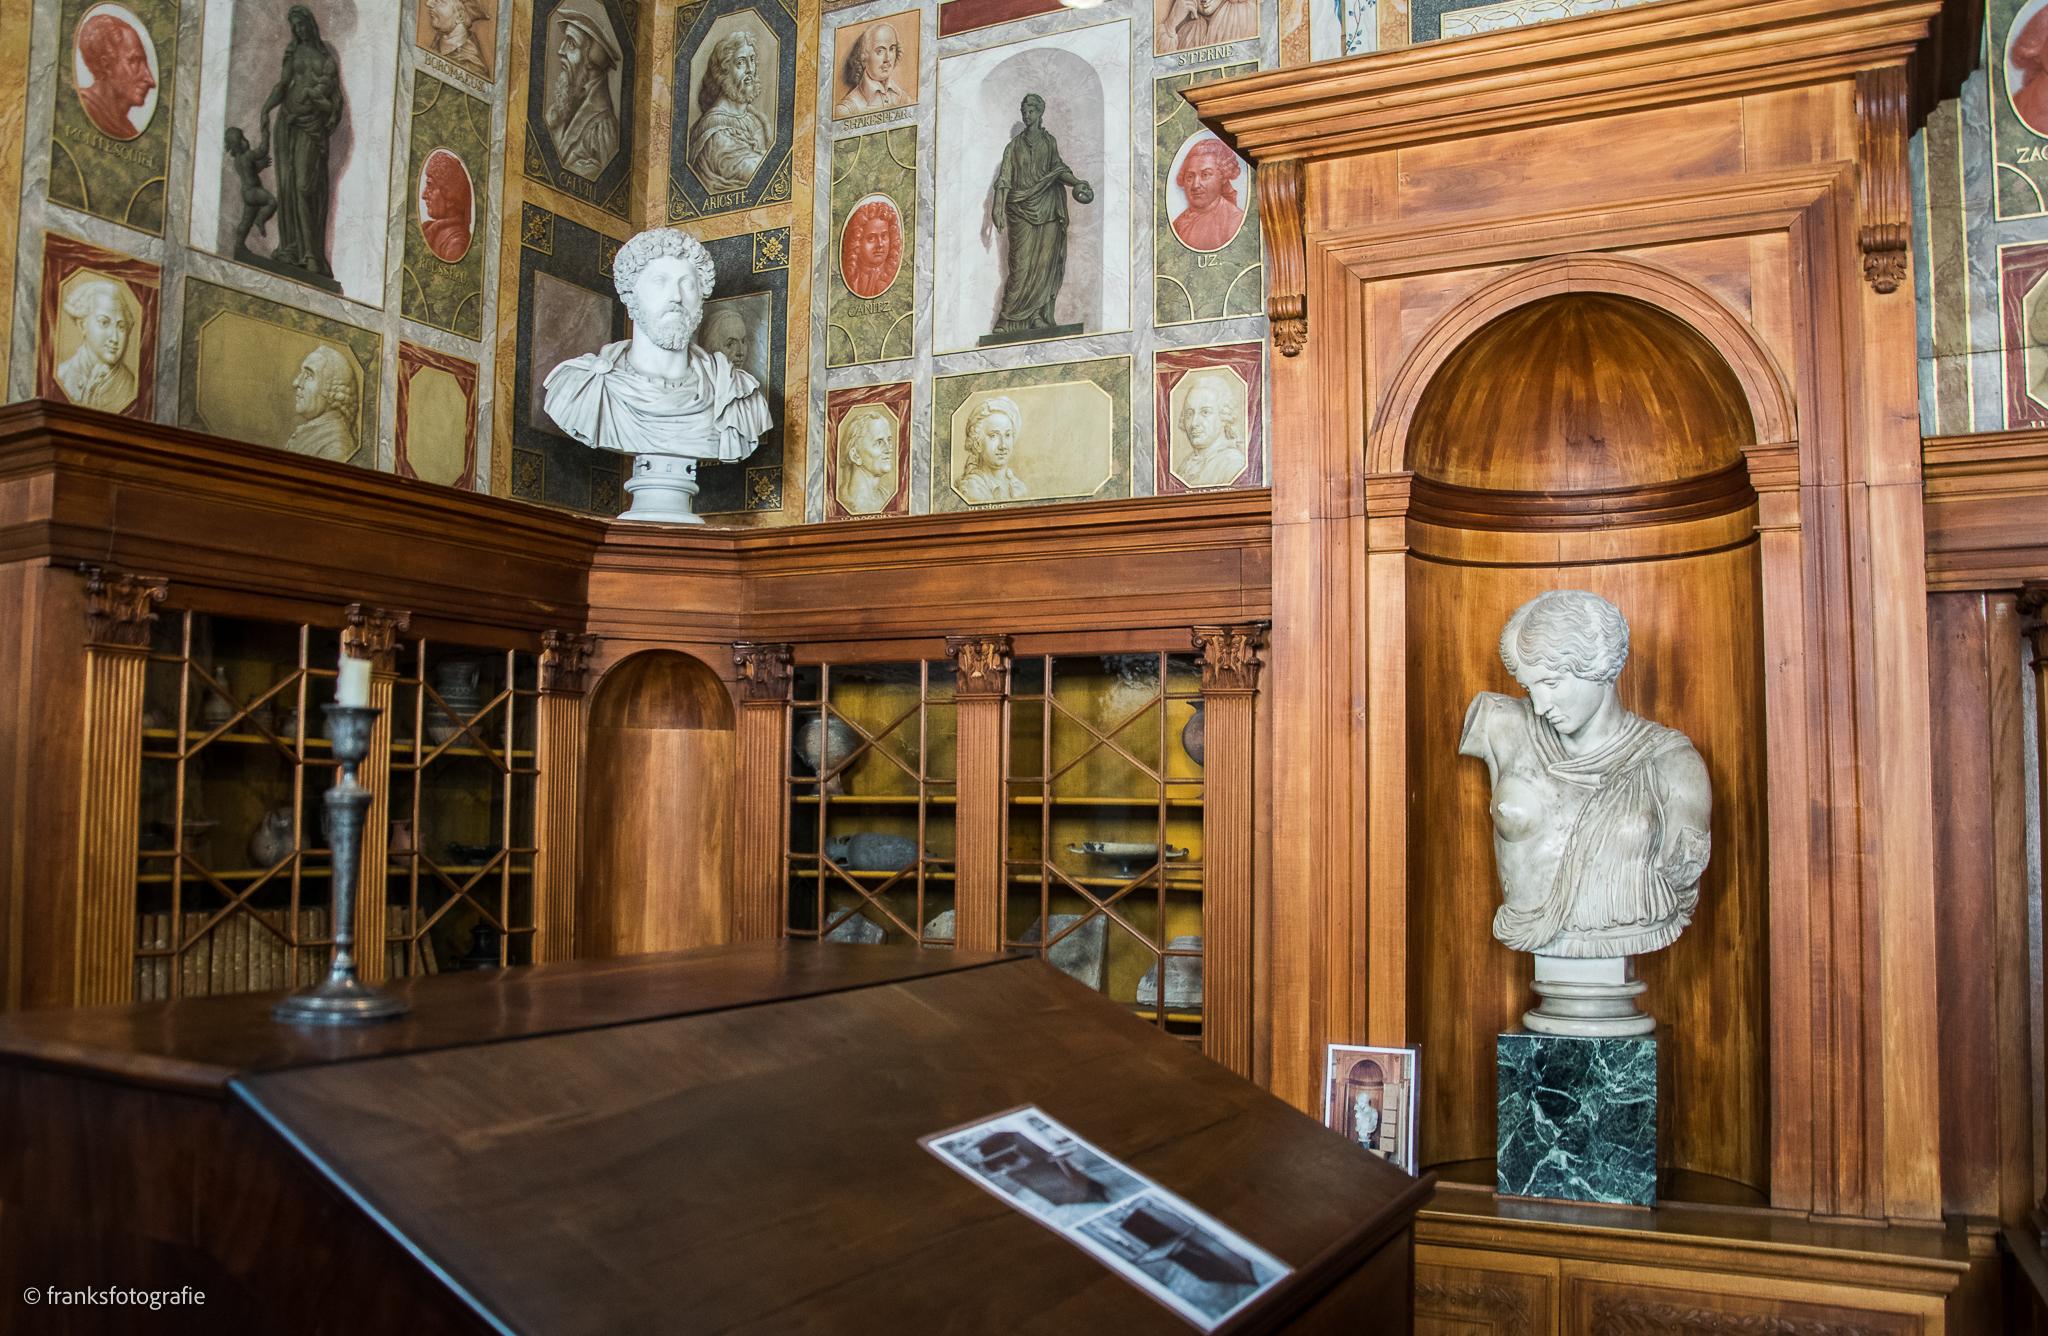 Innenräume von Schloss Wörlitz Die Bibliothek